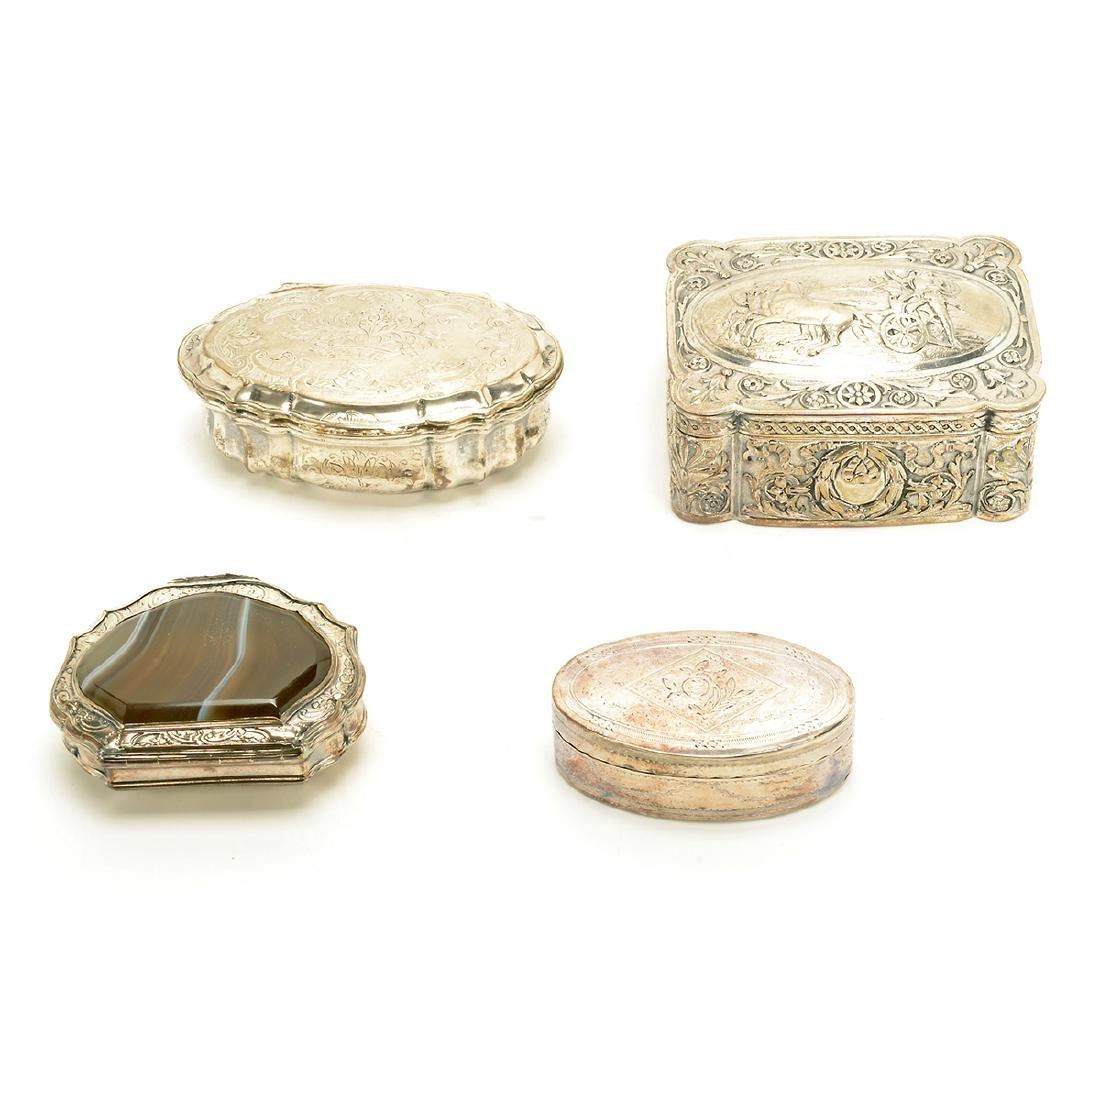 Seven Silver Snuff Boxes and Cigarette Cases